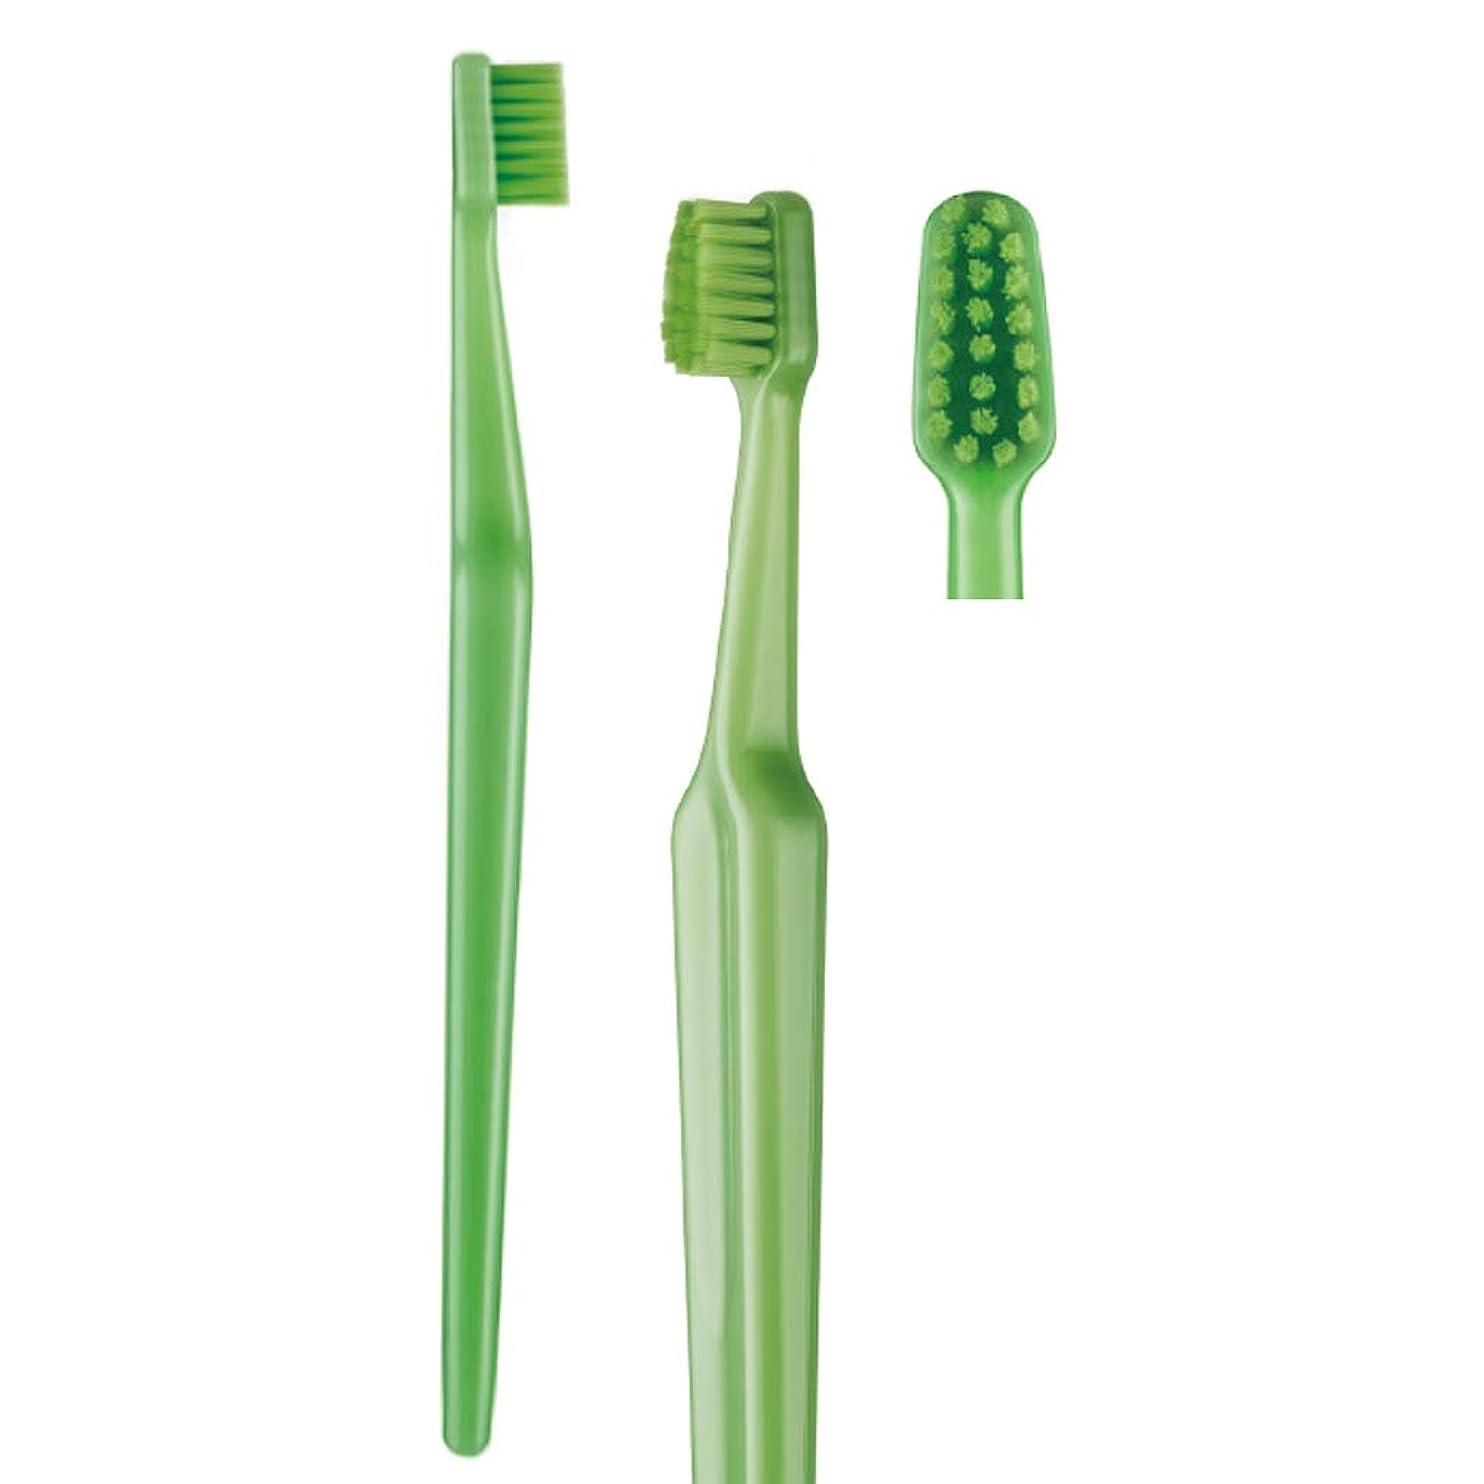 船酔い滅多ラオス人歯科専売品 大人用歯ブラシ TePe GOOD (グッド) ミニ エクストラソフト(超やわらかめ) ヘッド小 1本